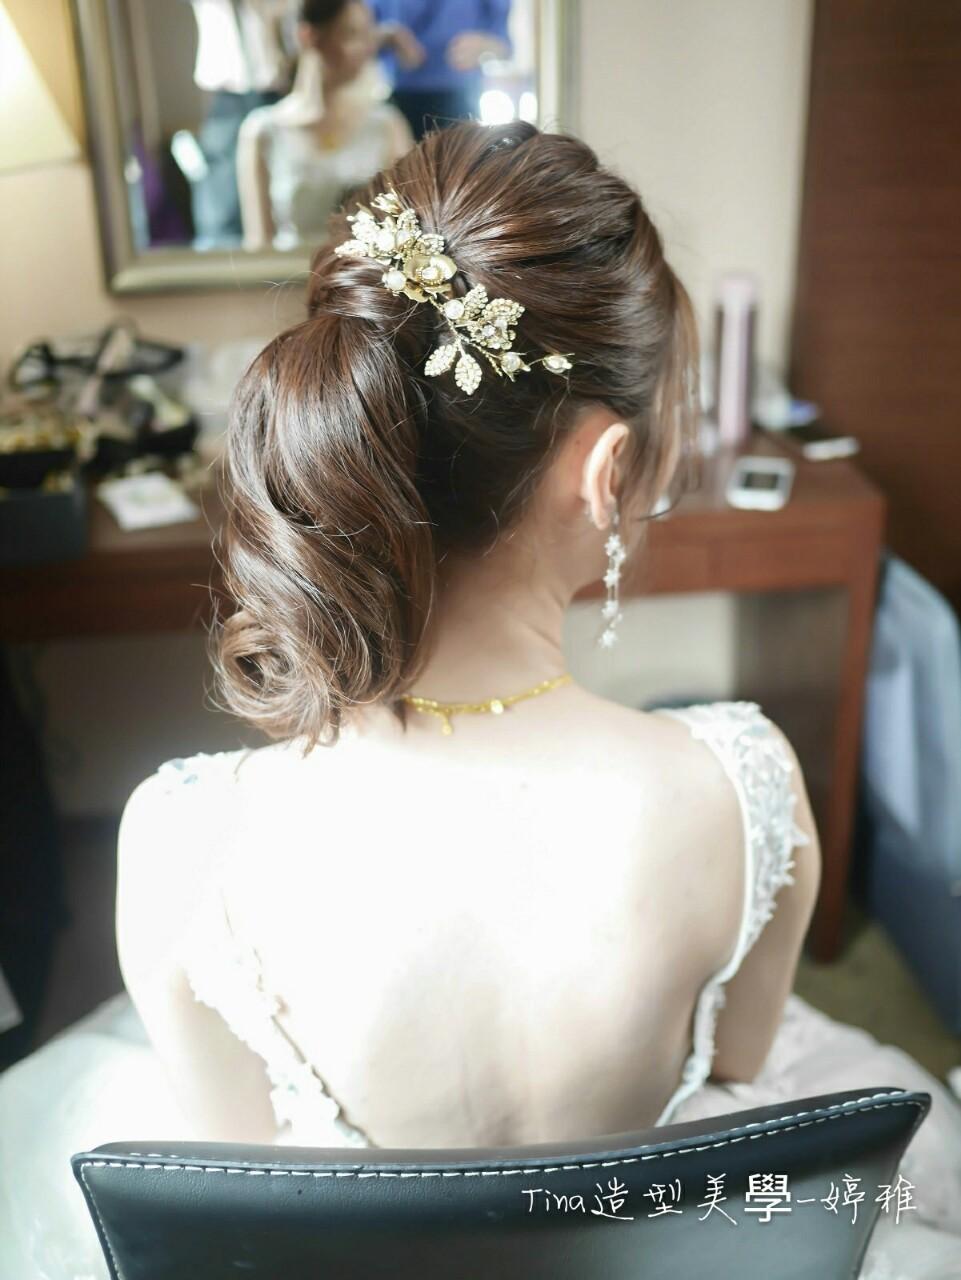 201941_190401_0011 - 雲林新秘/嘉義新娘秘書/Tina造型美學《結婚吧》